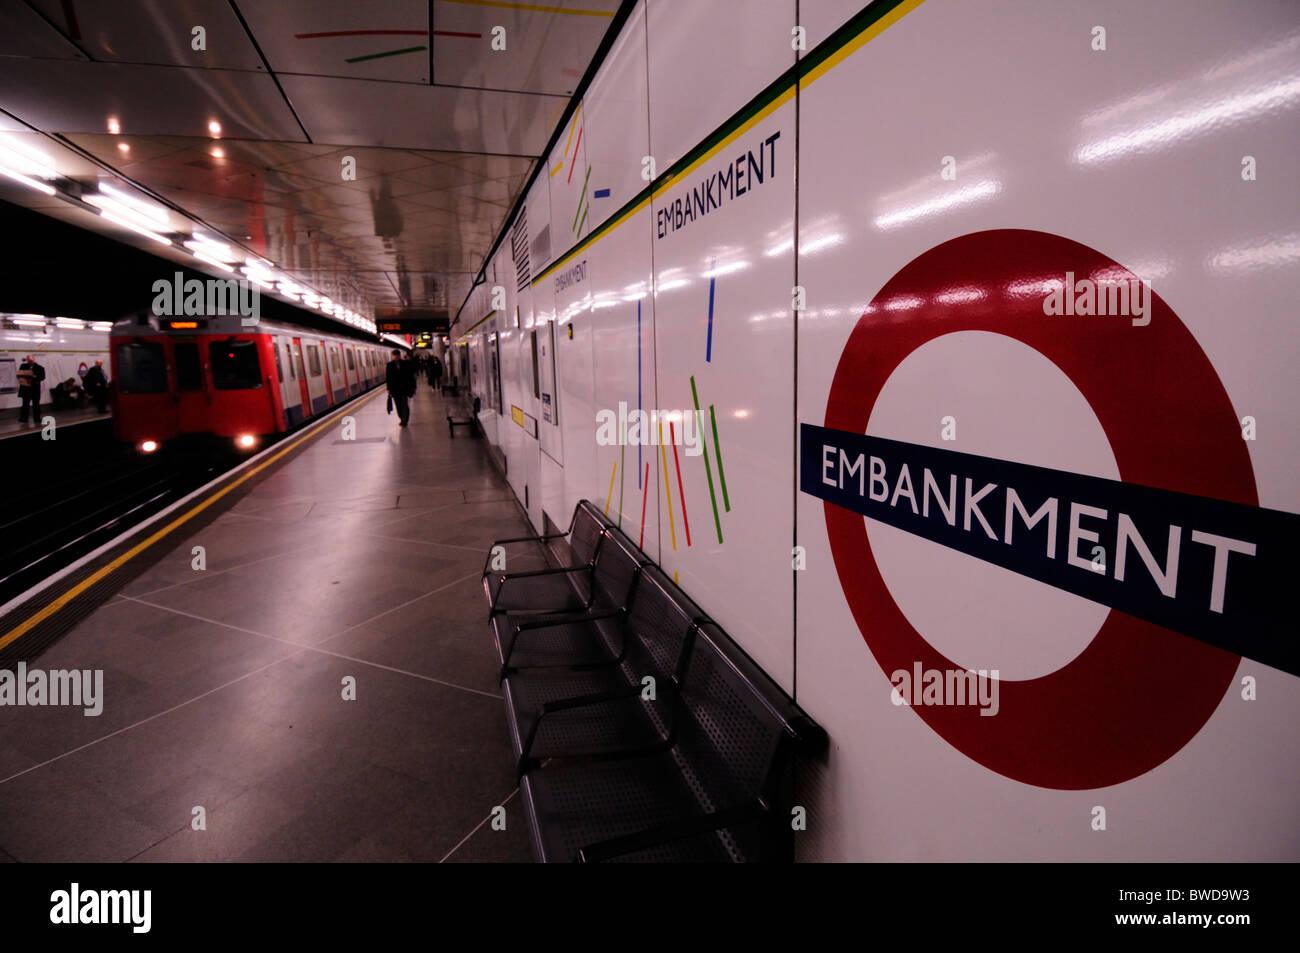 Embankment Underground Tube Station Circle Line Platform, London, England, UK - Stock Image